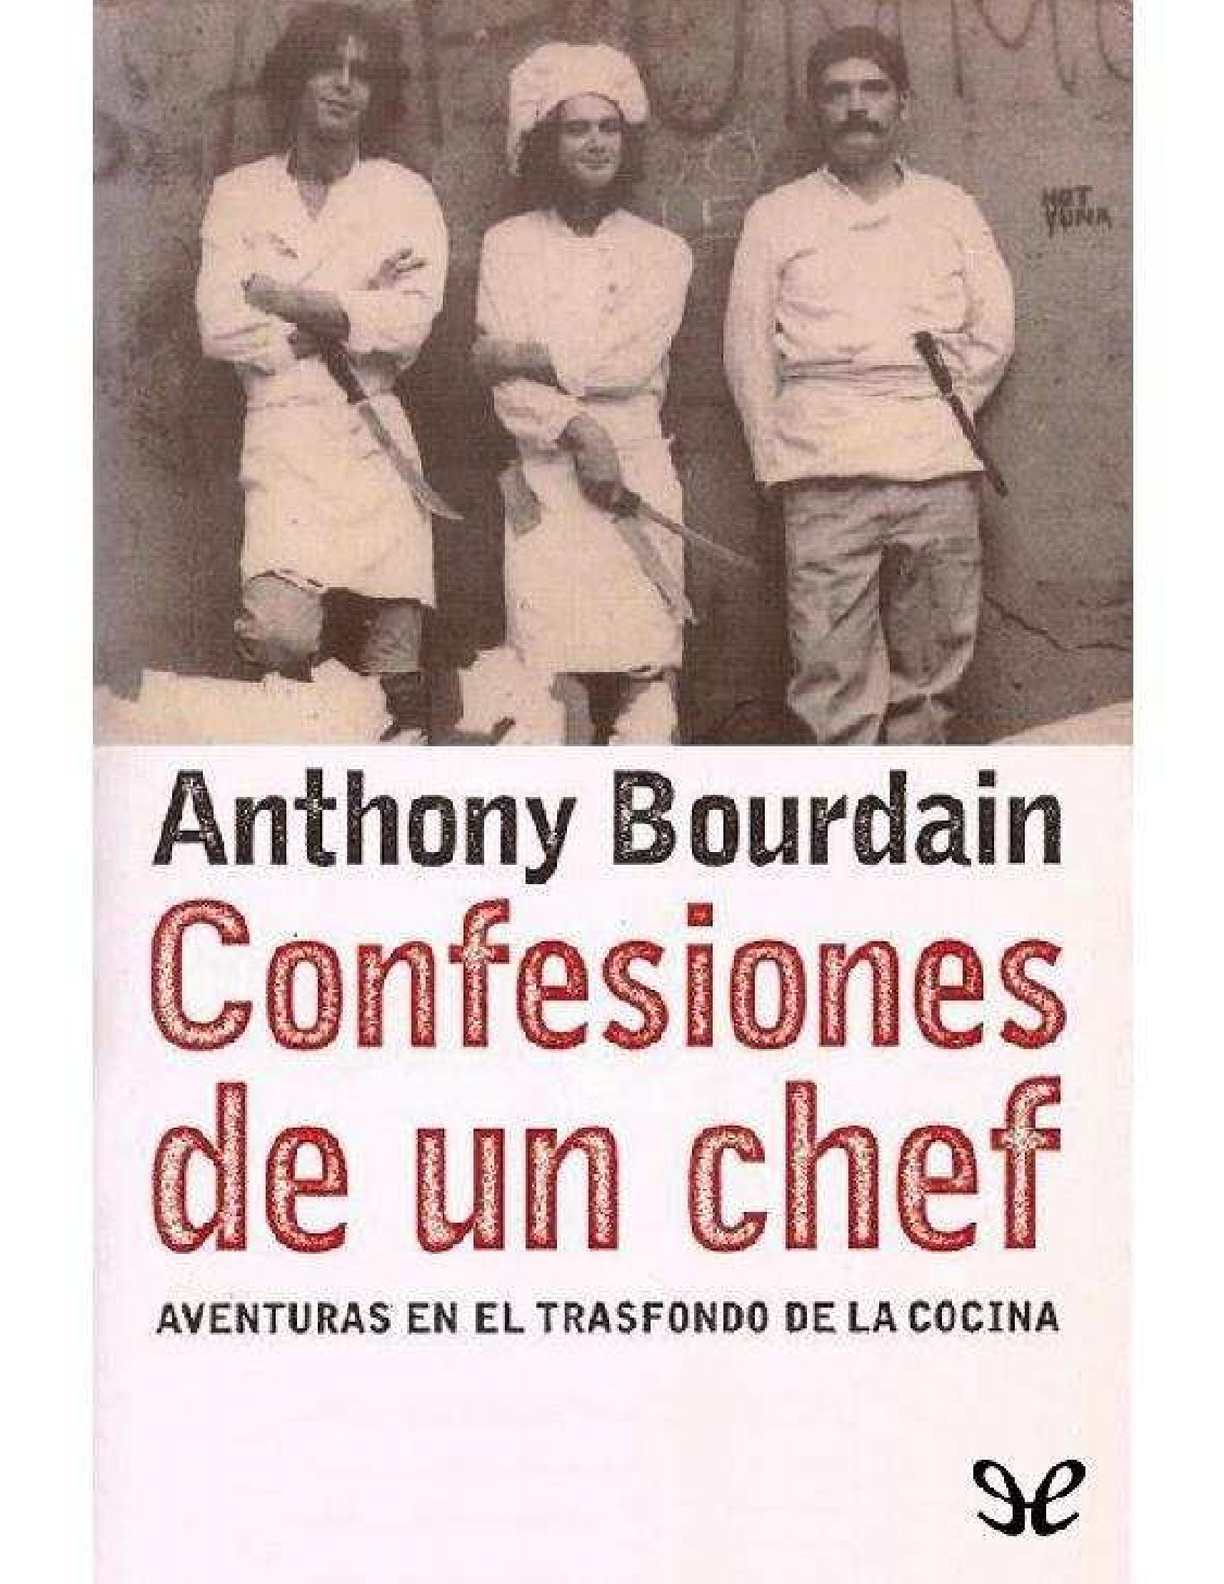 Confesiones Chef De Un Calaméo Confesiones De Un Calaméo Calaméo Chef 0wnkOP